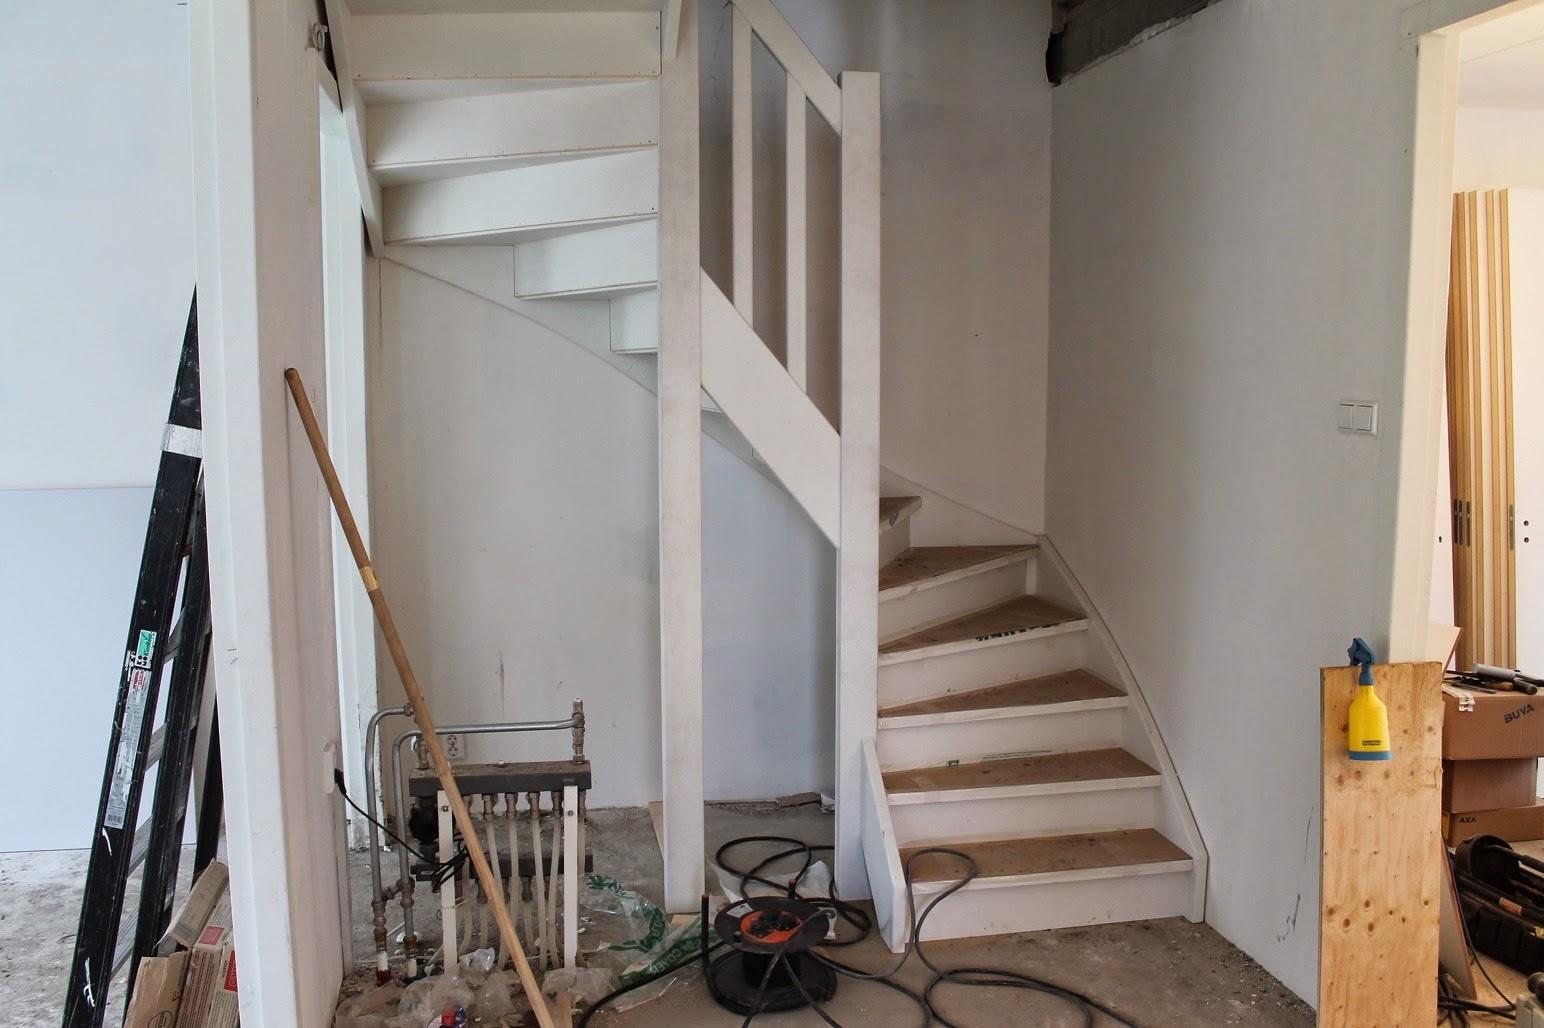 Keuken met trap - Trap binnen villa ...